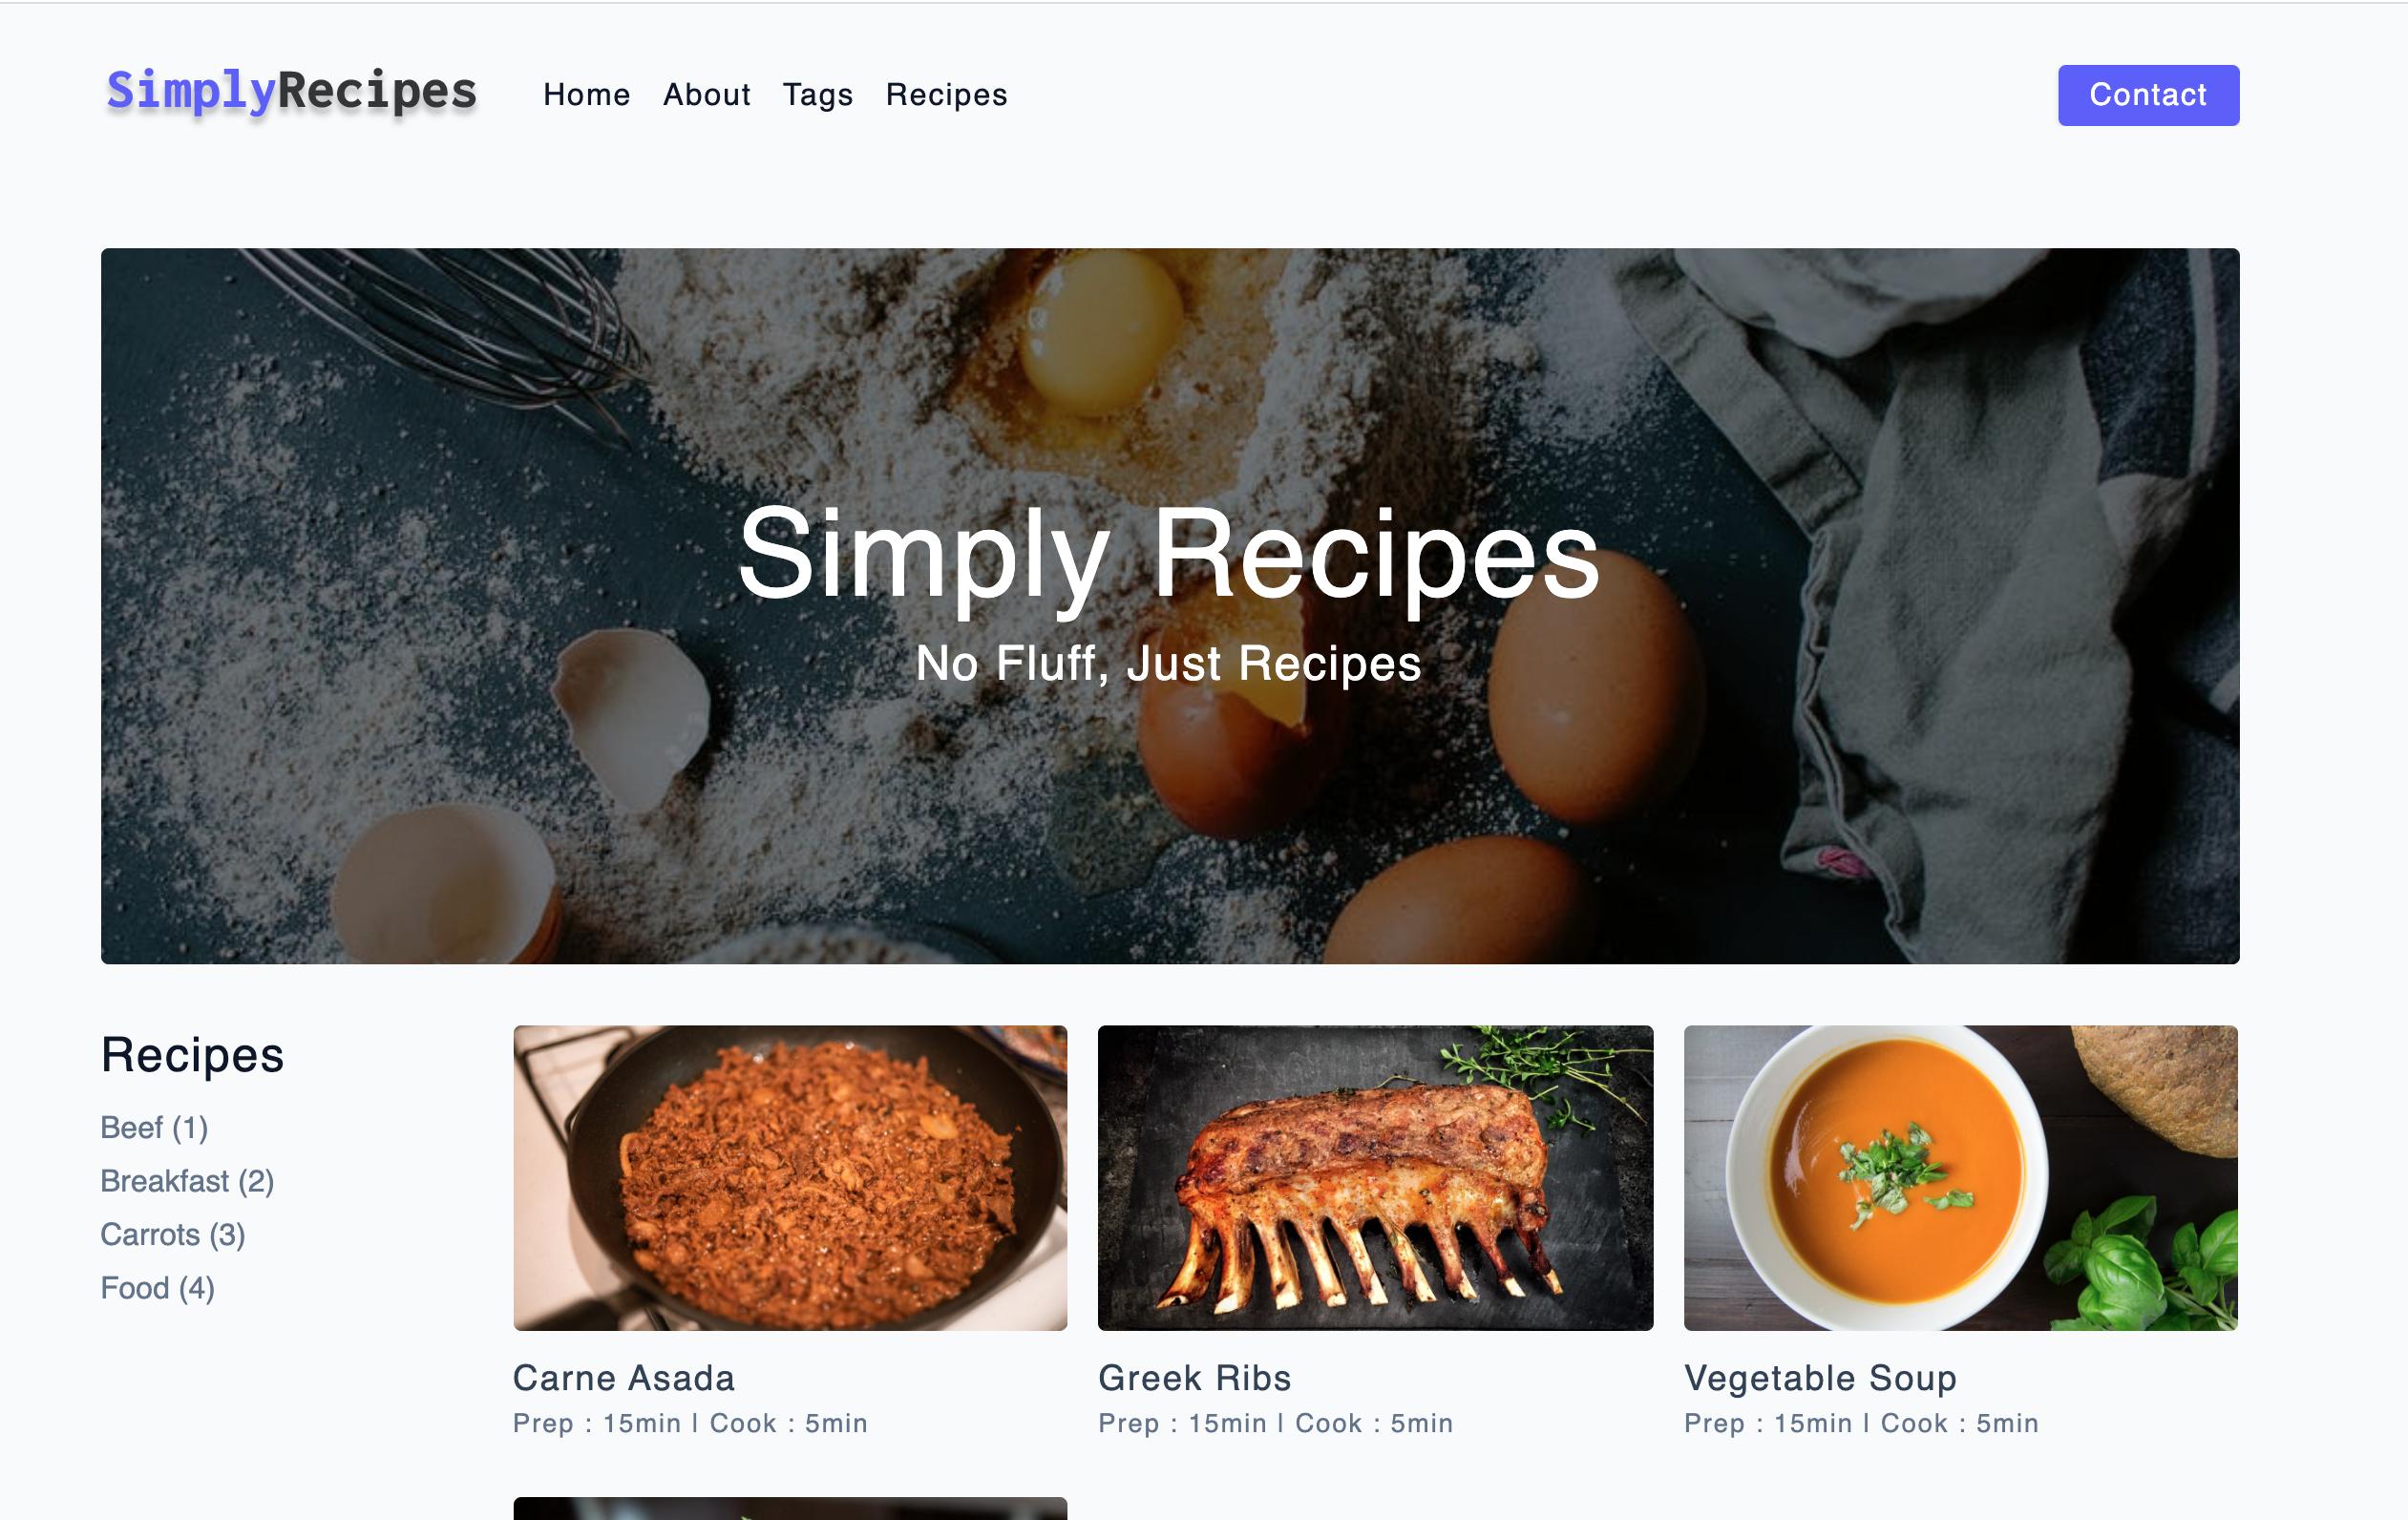 html css 实现的简单的点菜网站,支持响应式